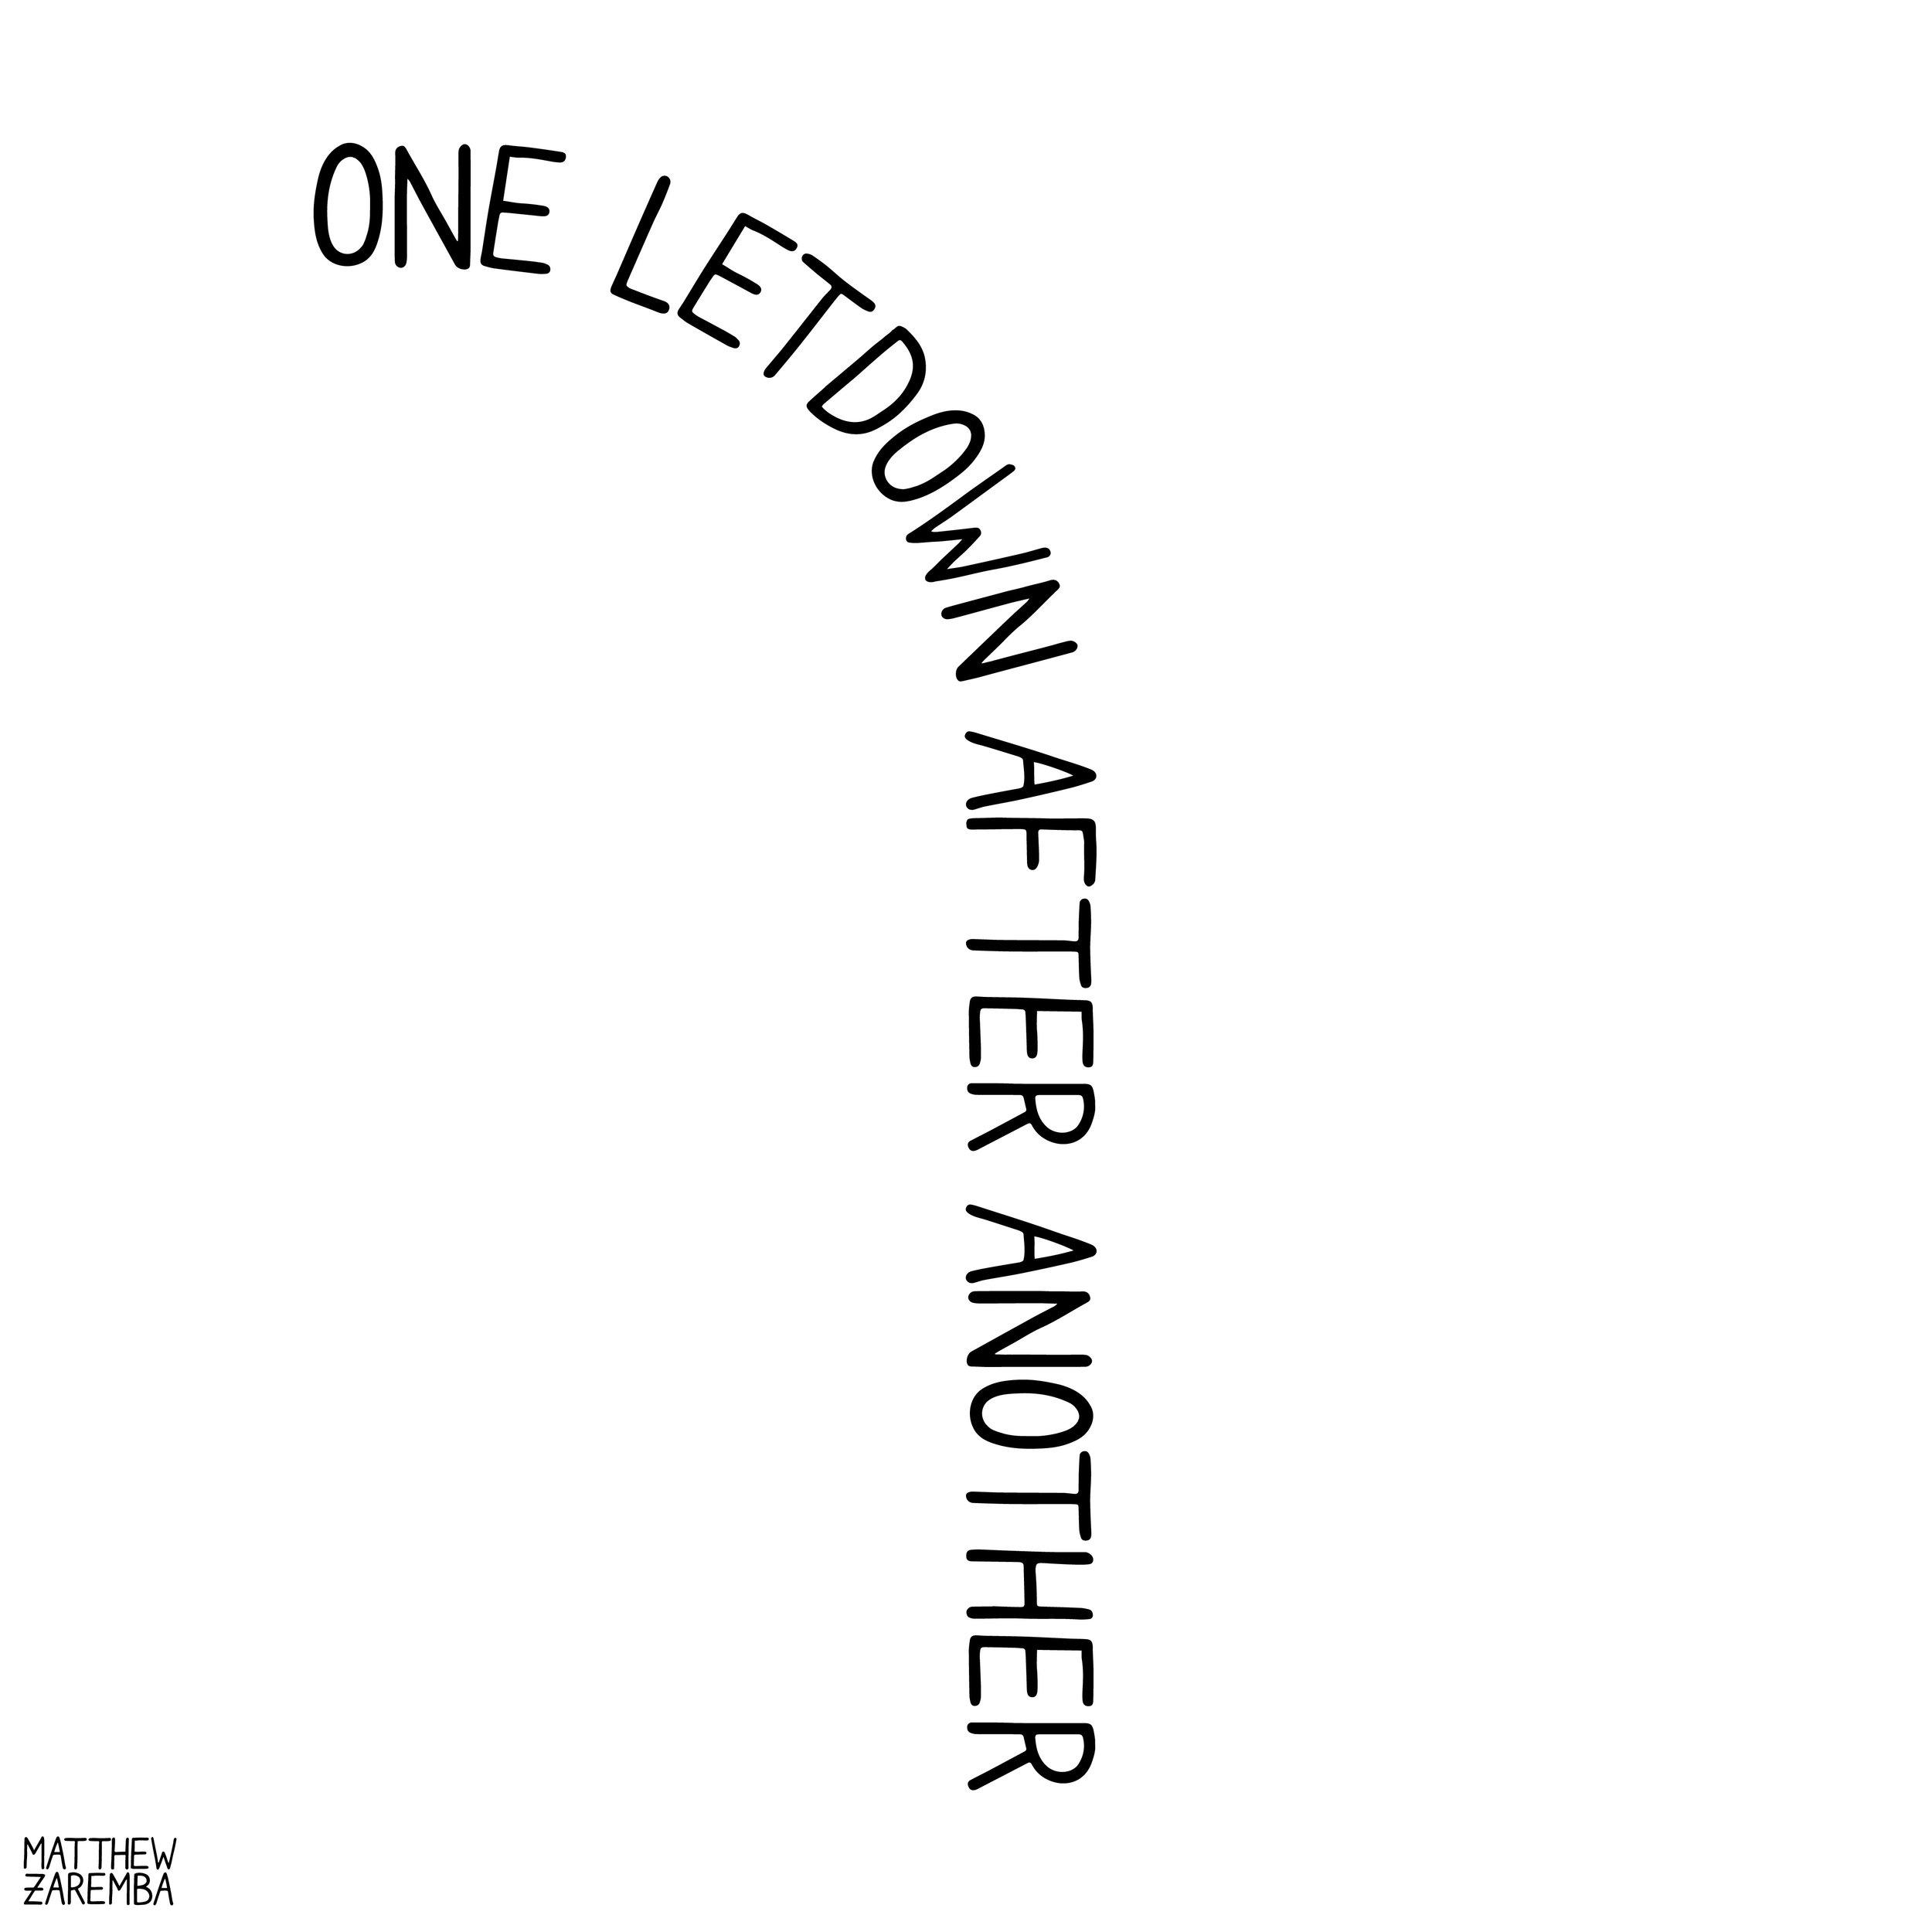 letdown-01.jpg